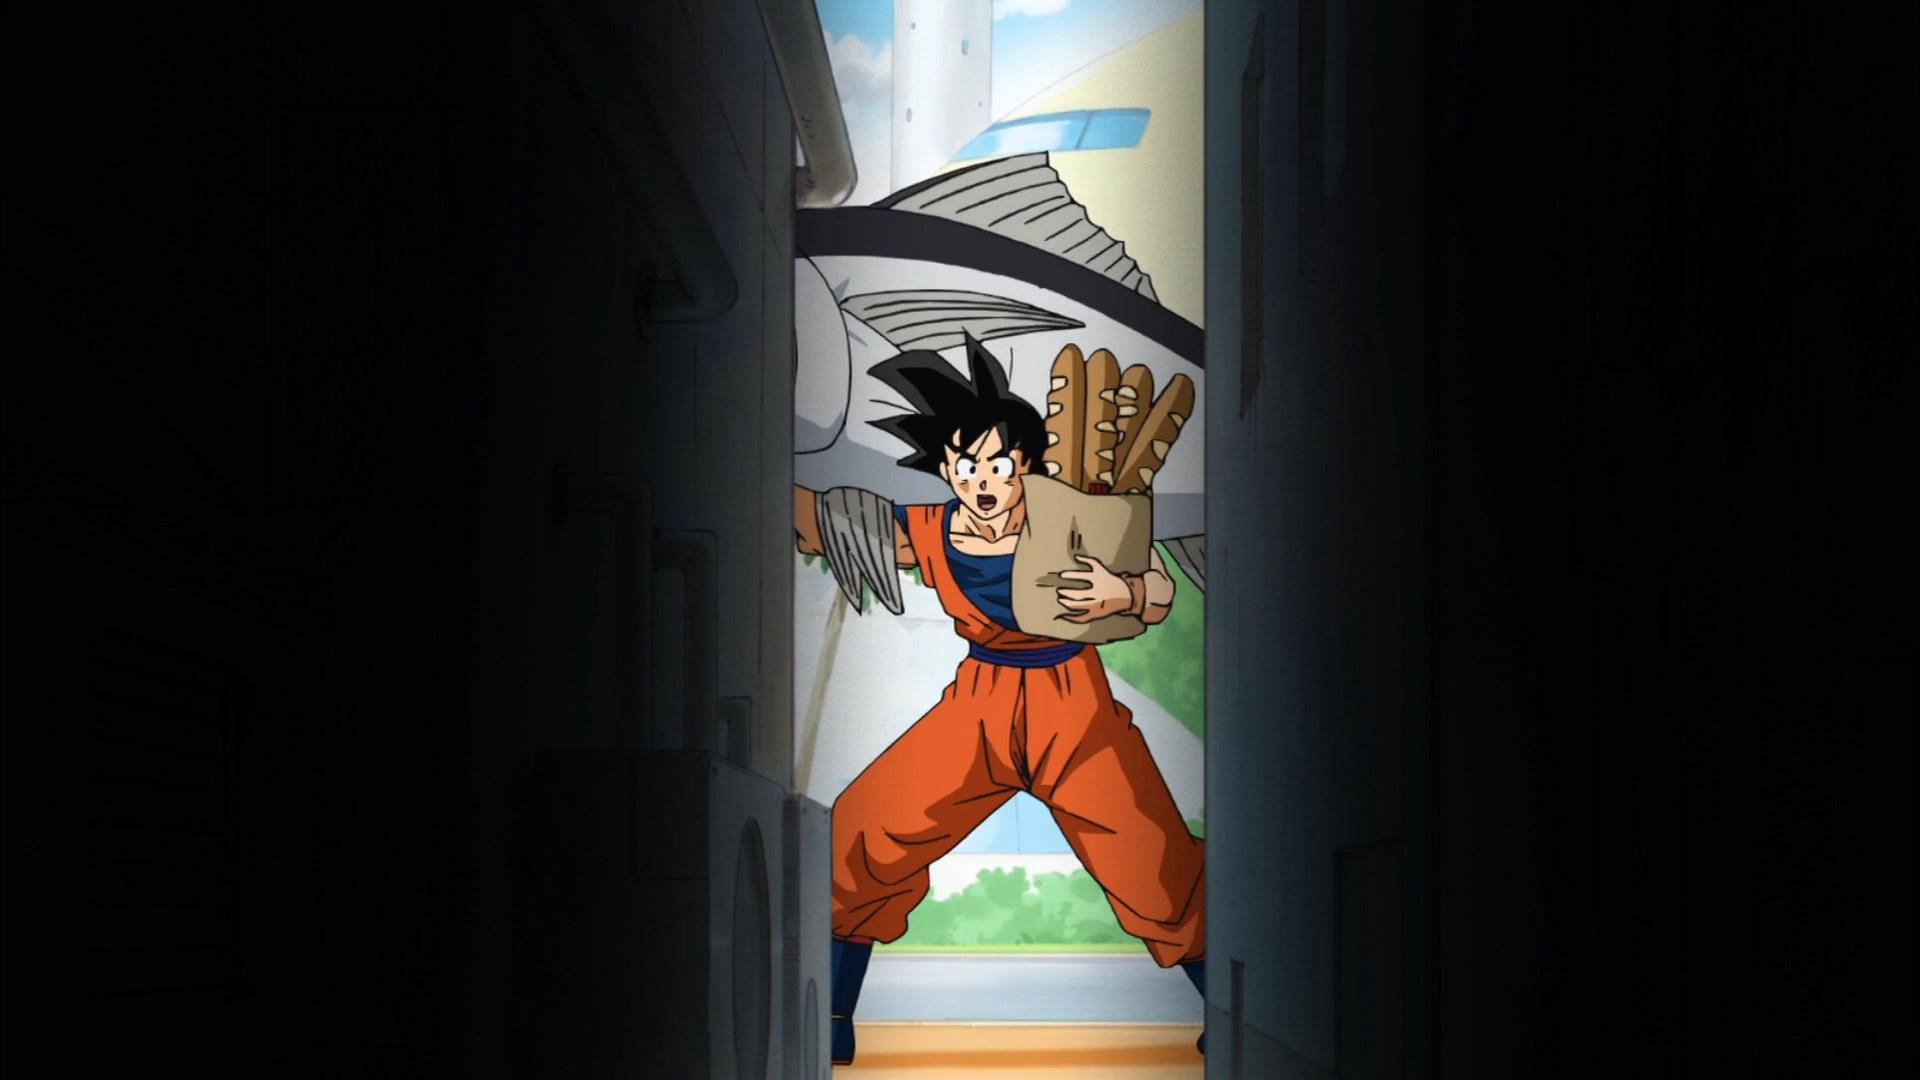 [DS] Dragon Ball Super 070 [1080p].mkv_snapshot_22.56_[2016.12.11_04.00.31]